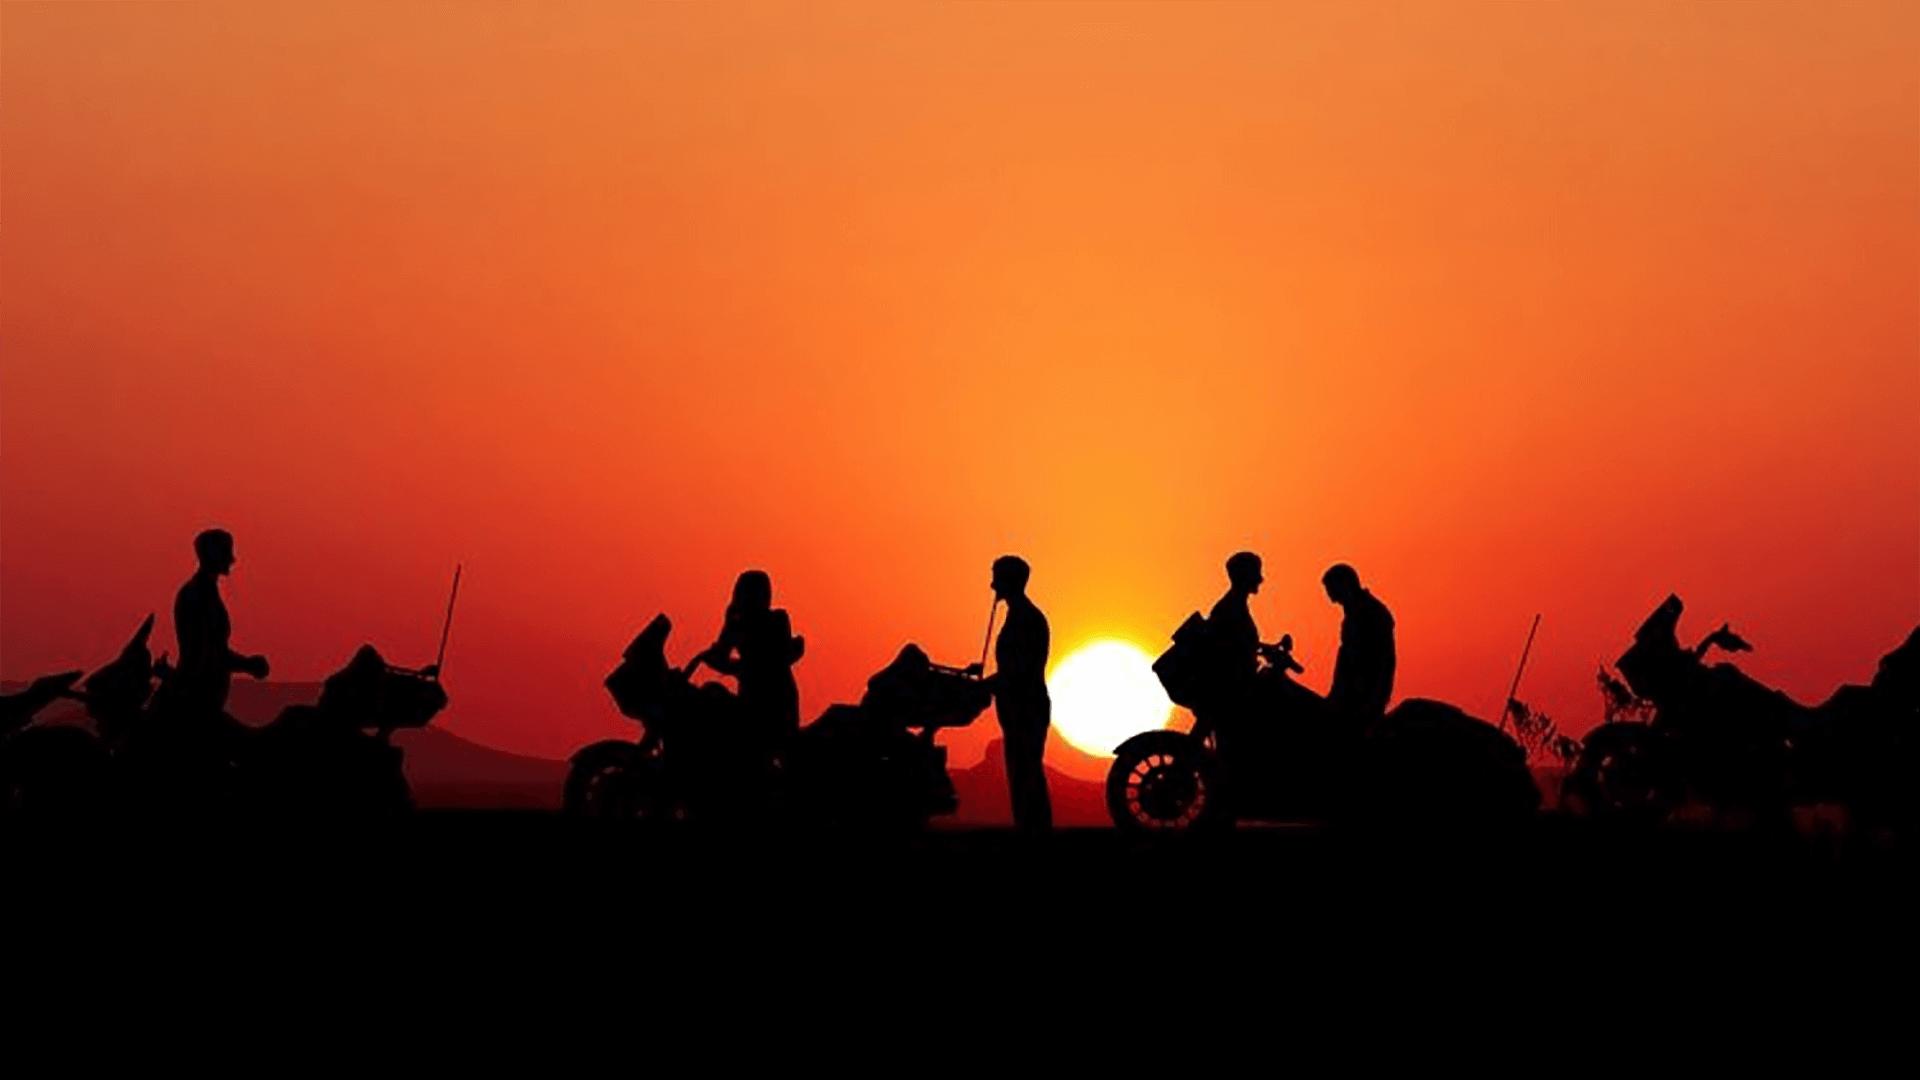 Des bikers en discussion proches de leurs motos devant un coucher de soleil